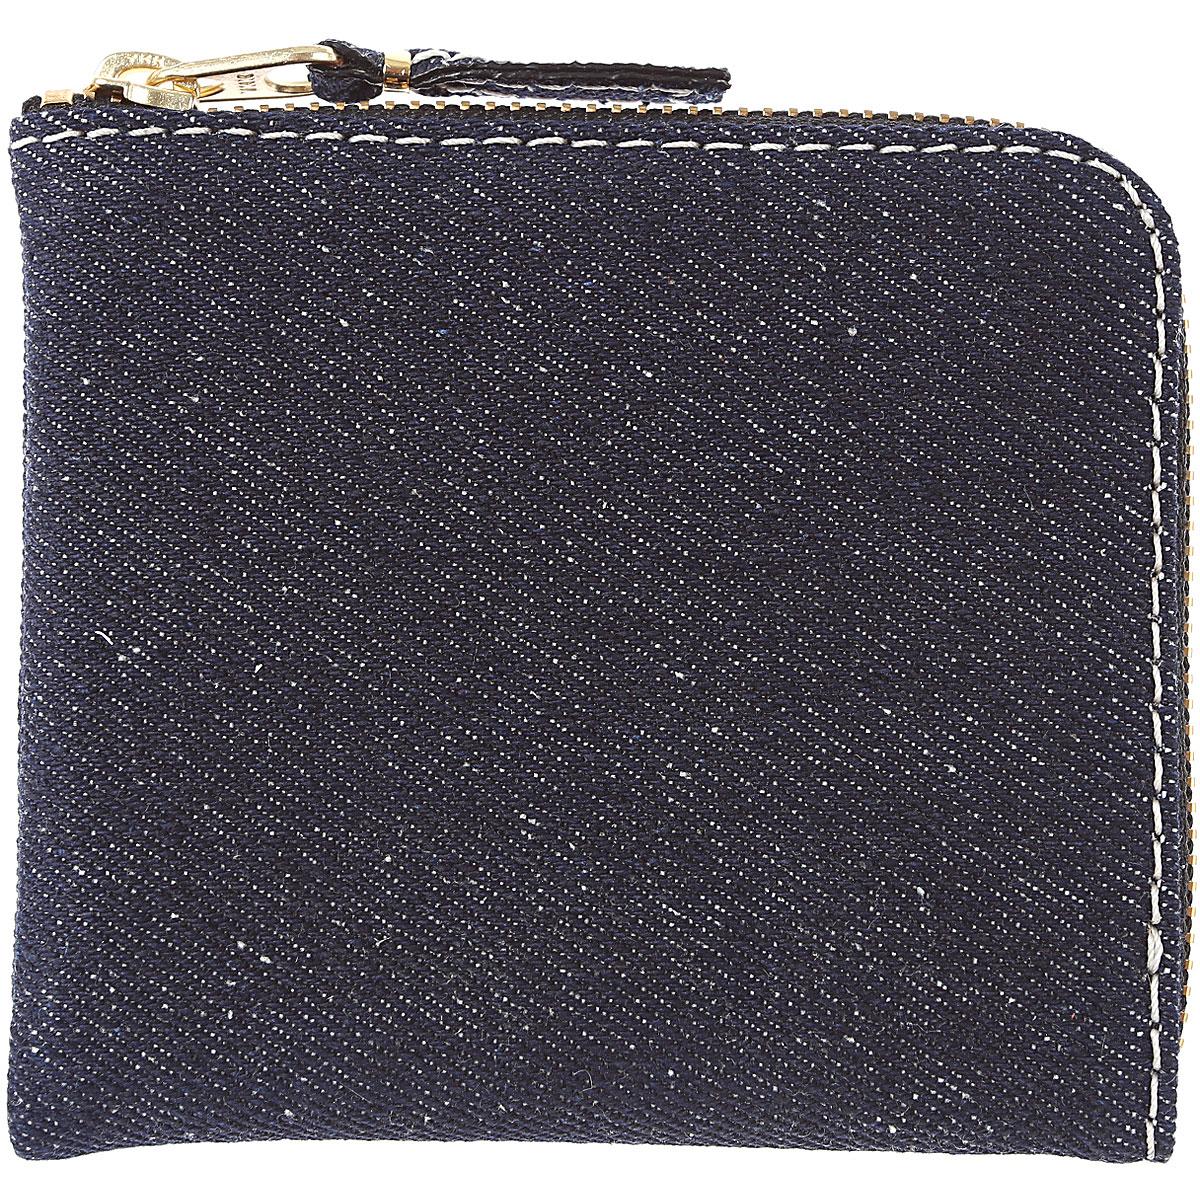 Comme des Garcons Wallet for Men On Sale, Denim Jeans, Cotton, 2019